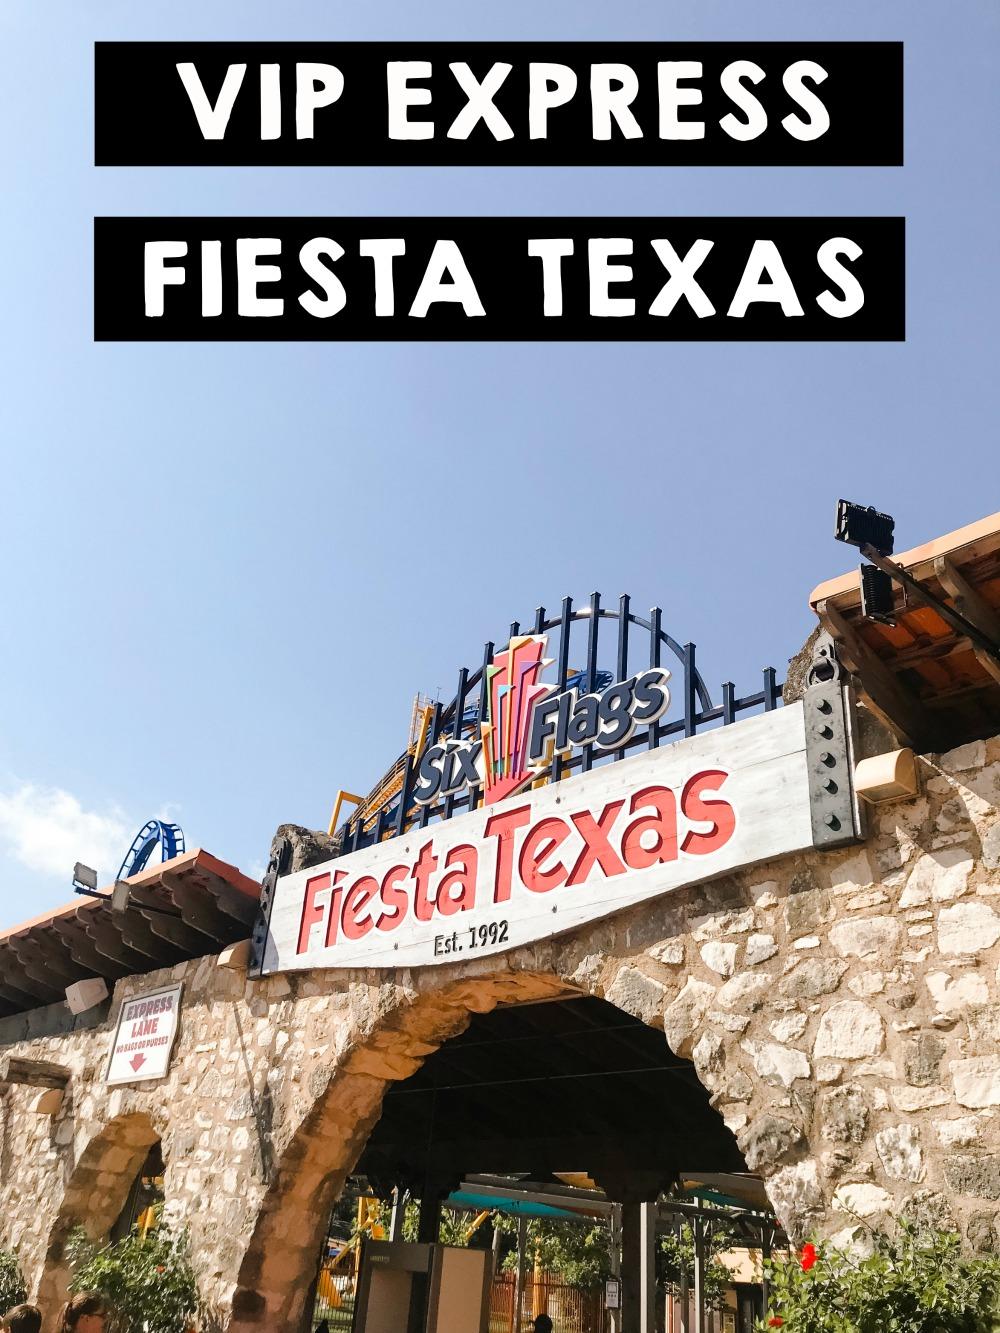 vip express fiesta texas